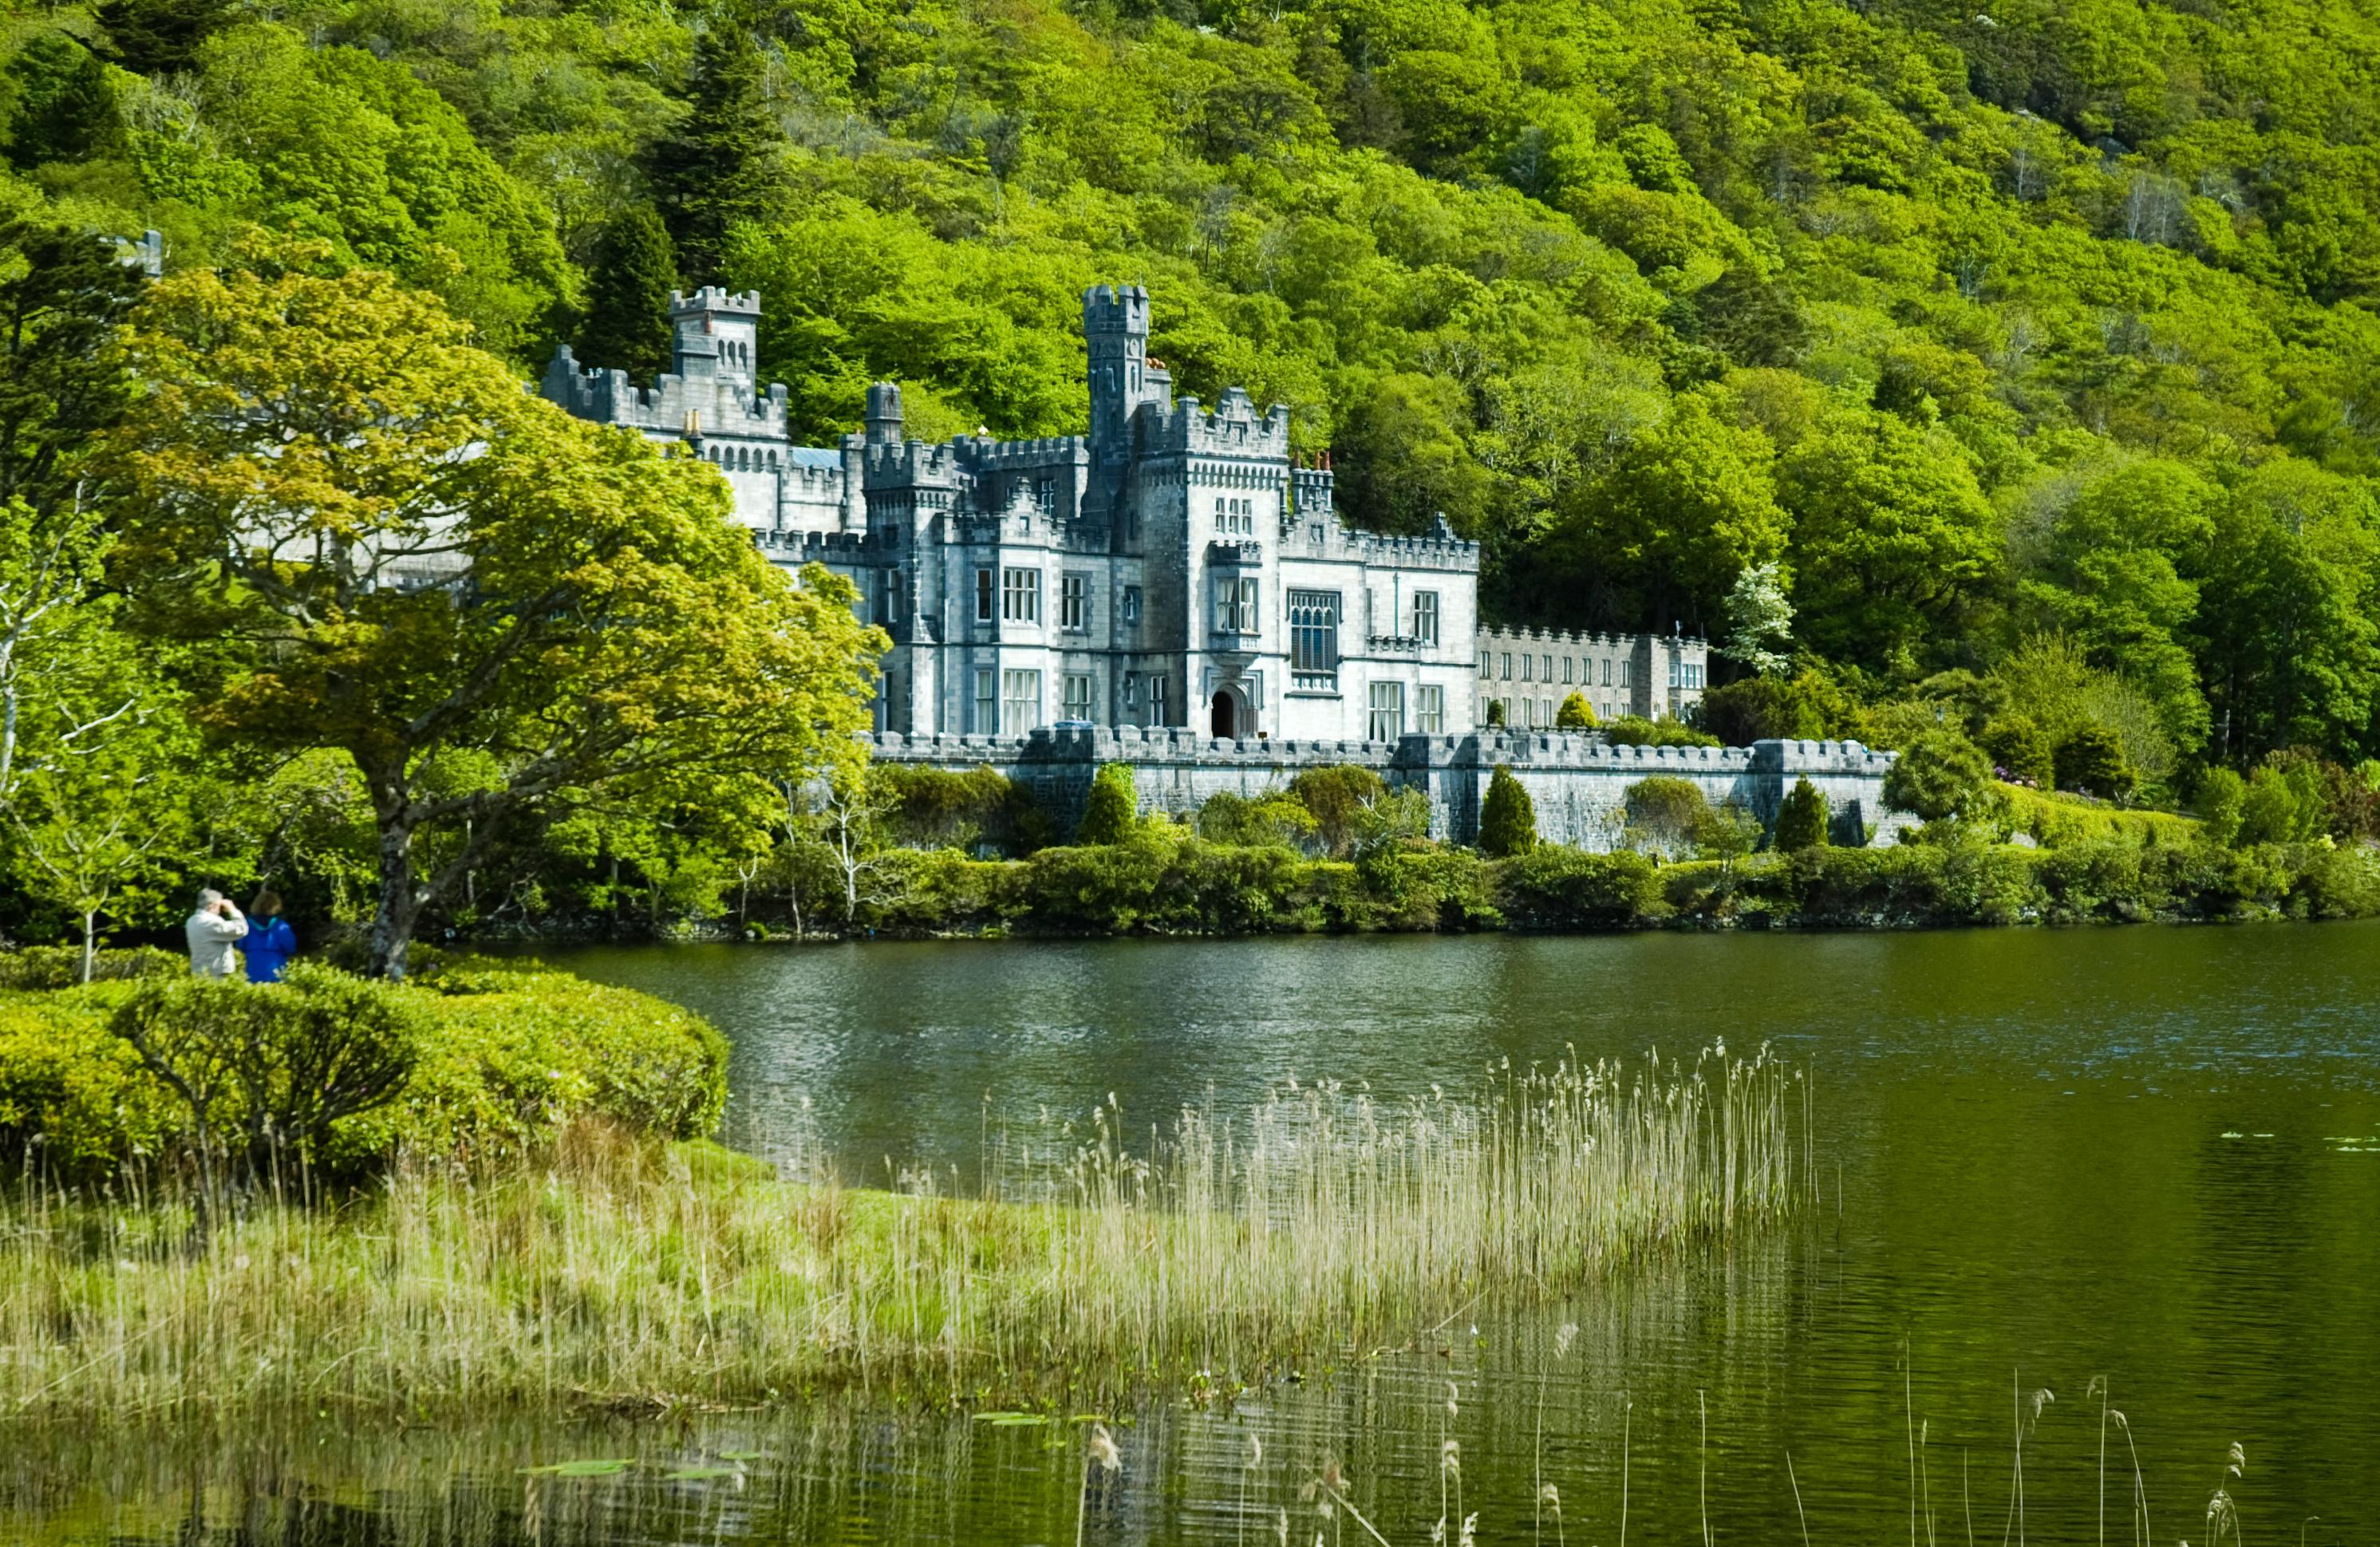 En este sublime entorno natural laten las milenarias tradiciones celtas - Irlanda Circuito Todo Irlanda